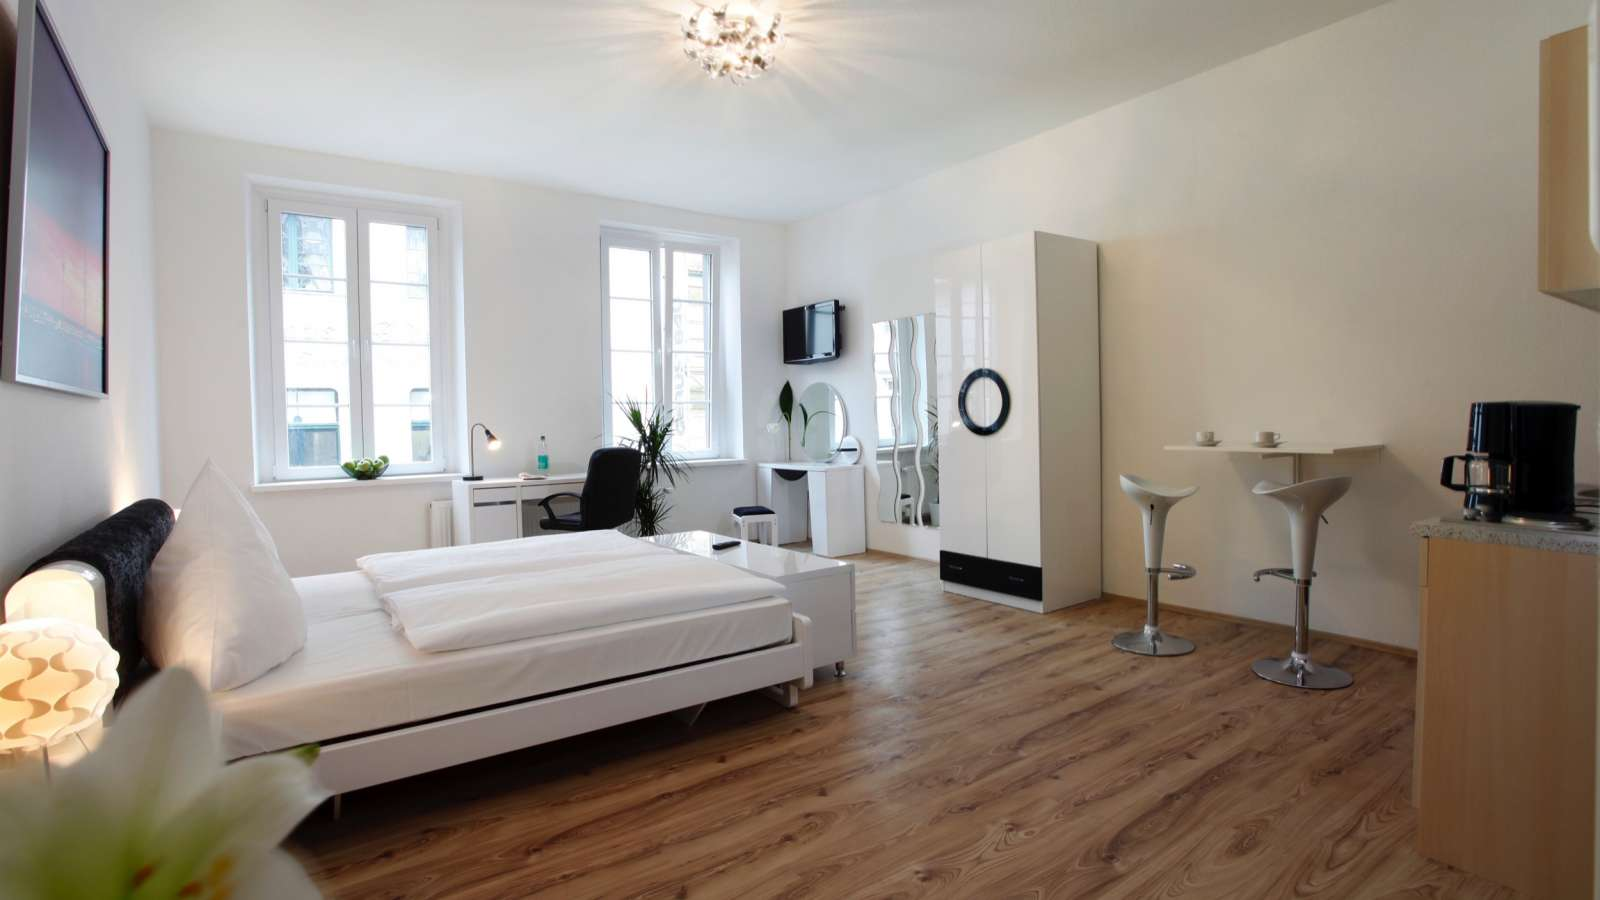 centro hotels d sseldorf. Black Bedroom Furniture Sets. Home Design Ideas